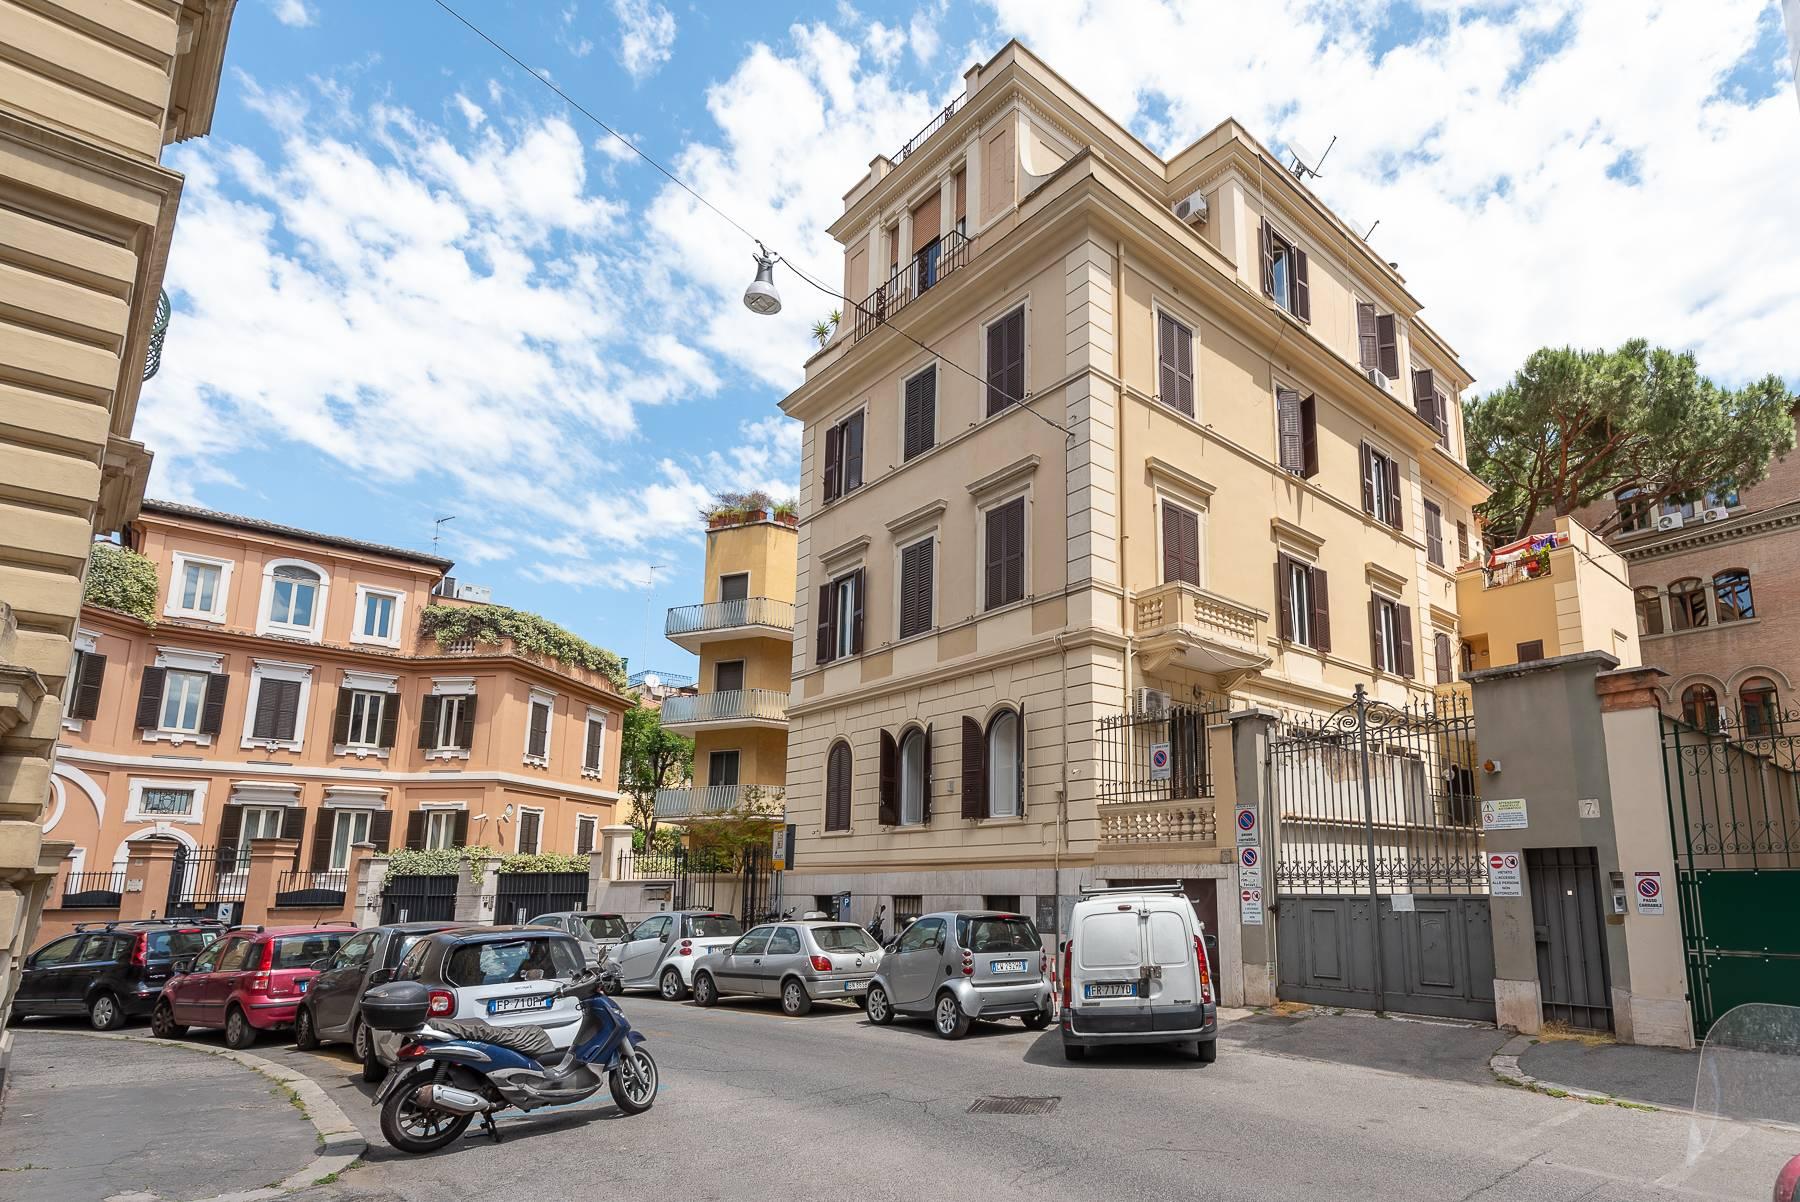 Ufficio-studio in Vendita a Roma: 5 locali, 322 mq - Foto 1